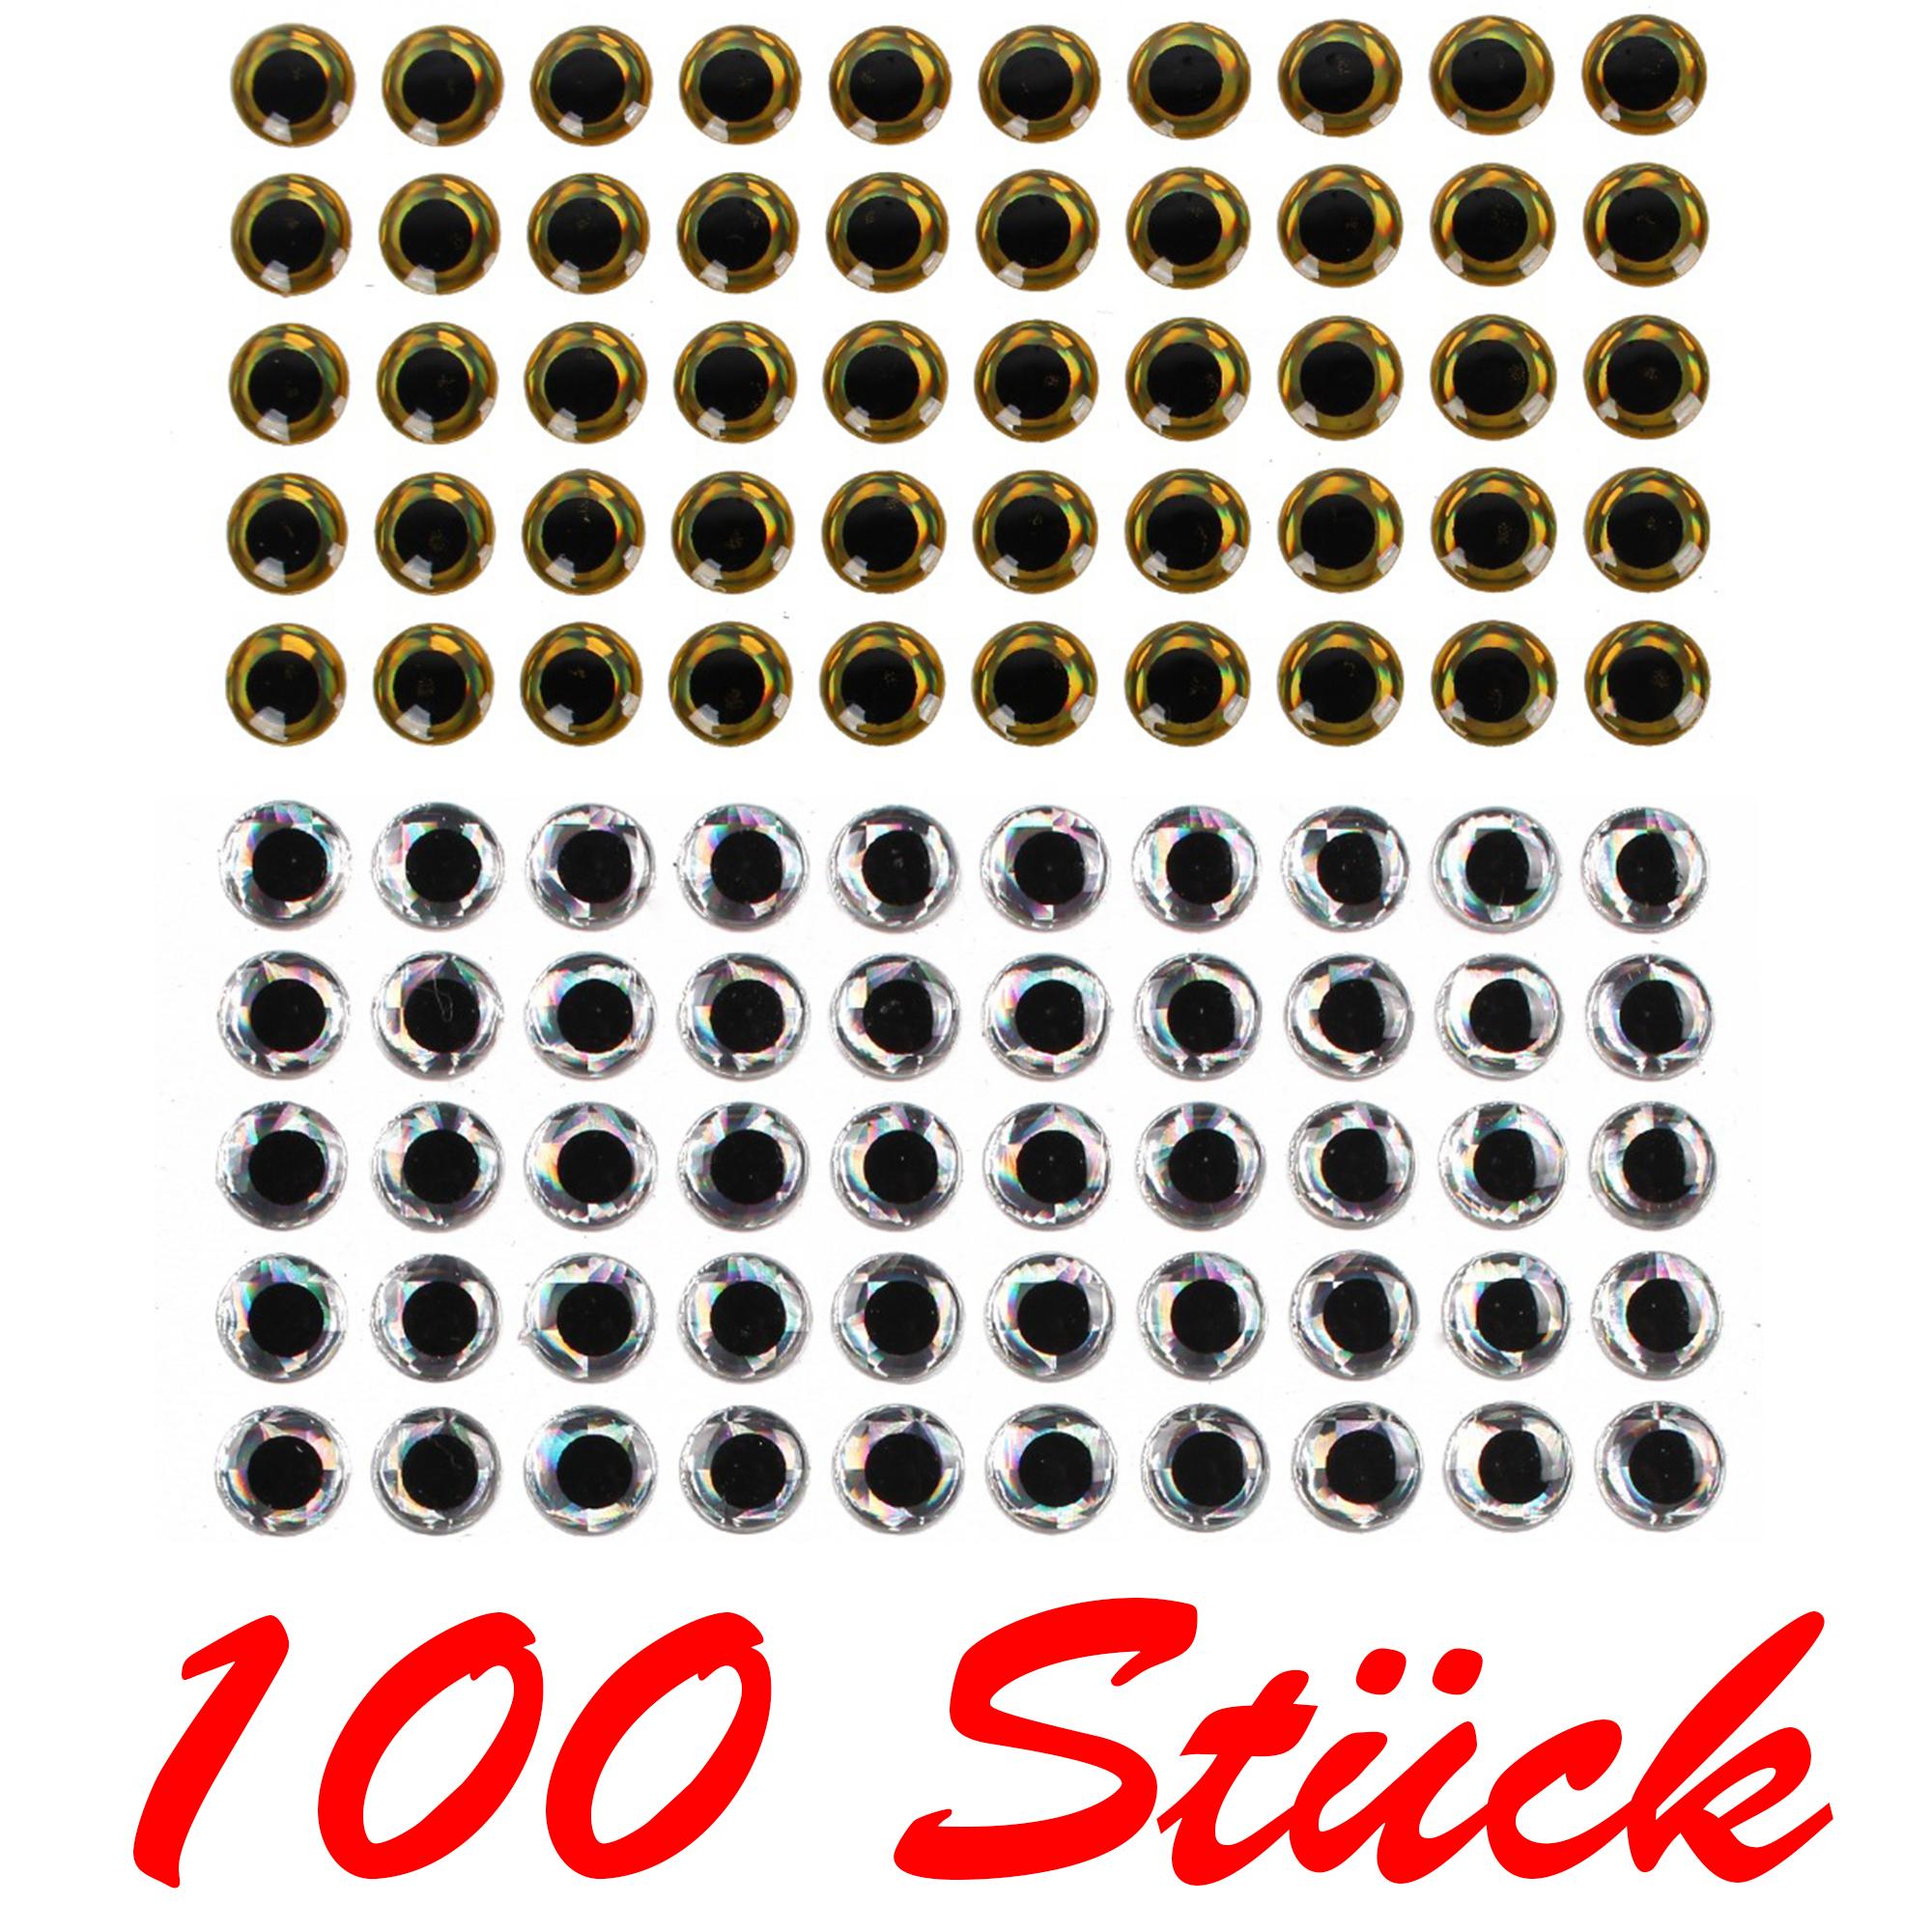 100 Stück Fisch Köder Augen für das Fliegenbinden Köder Herstellen